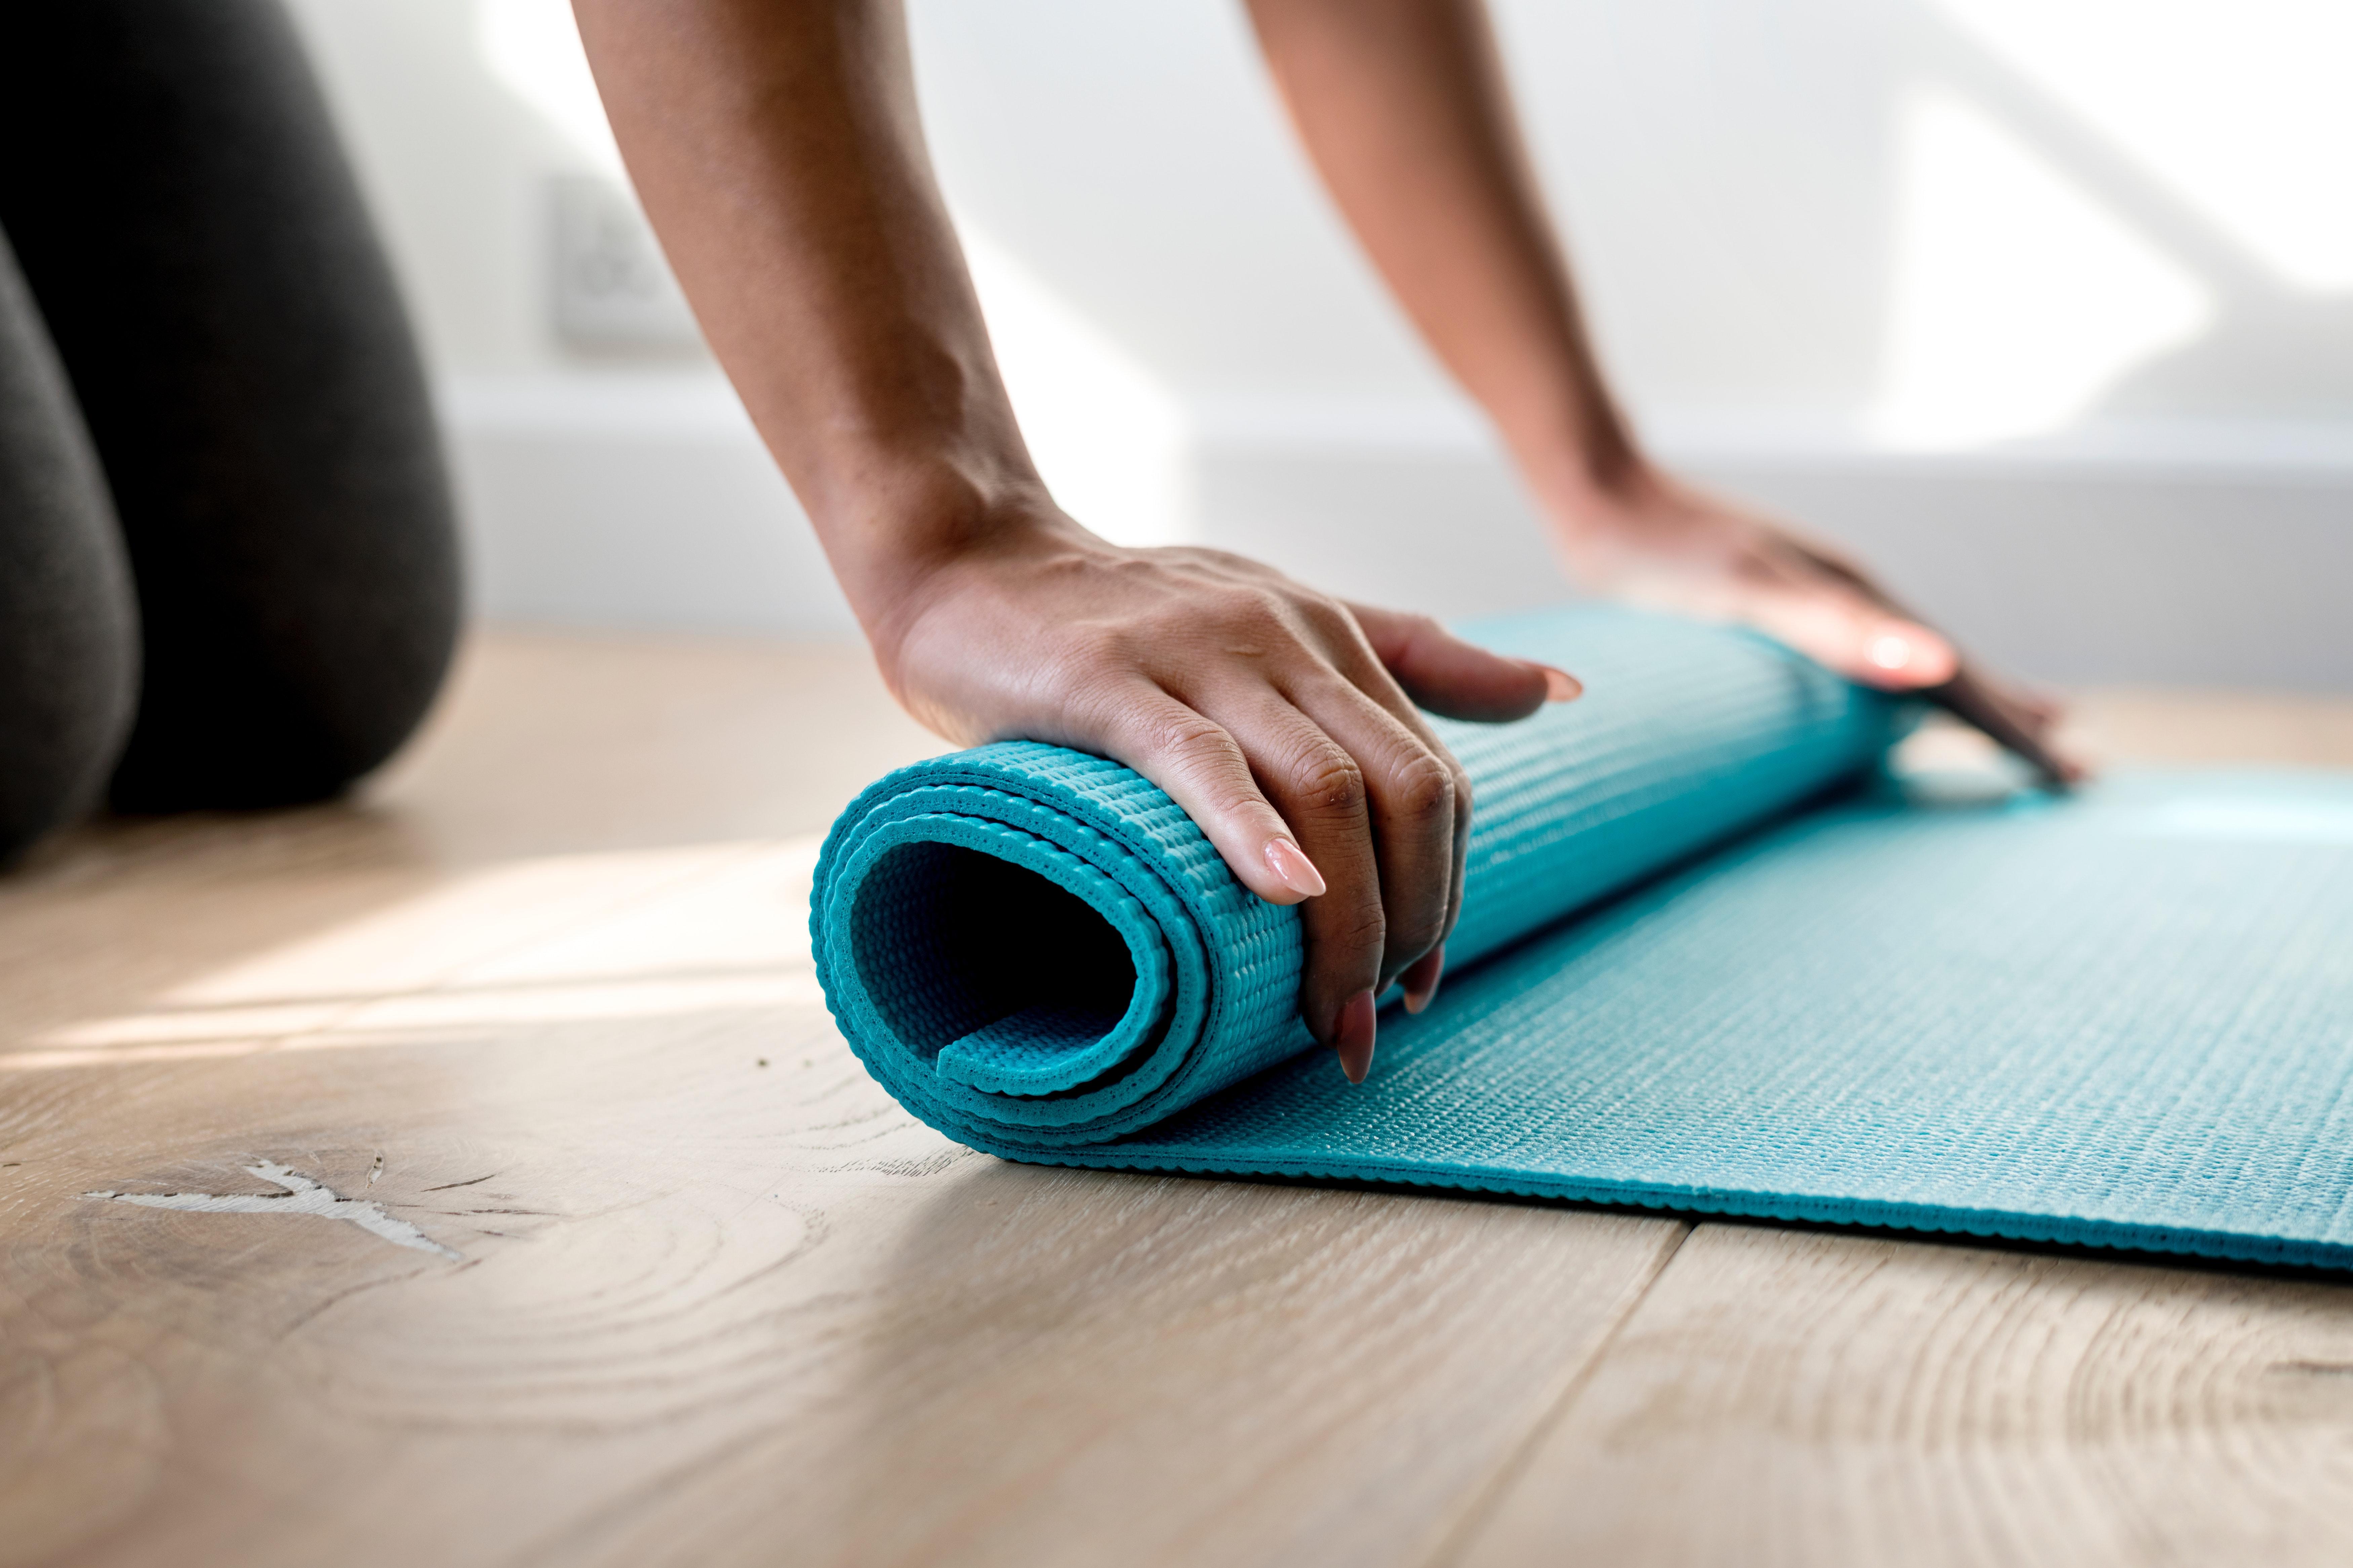 6.Празниците може да бъдат време за почивка, но не пропускайте физическите упражнения. Те са не само средство срещу многото висококалорични храни на трапезата – движението освобождава хормона на щастието ендорфин, който помага да отблъснем негативните емоции.